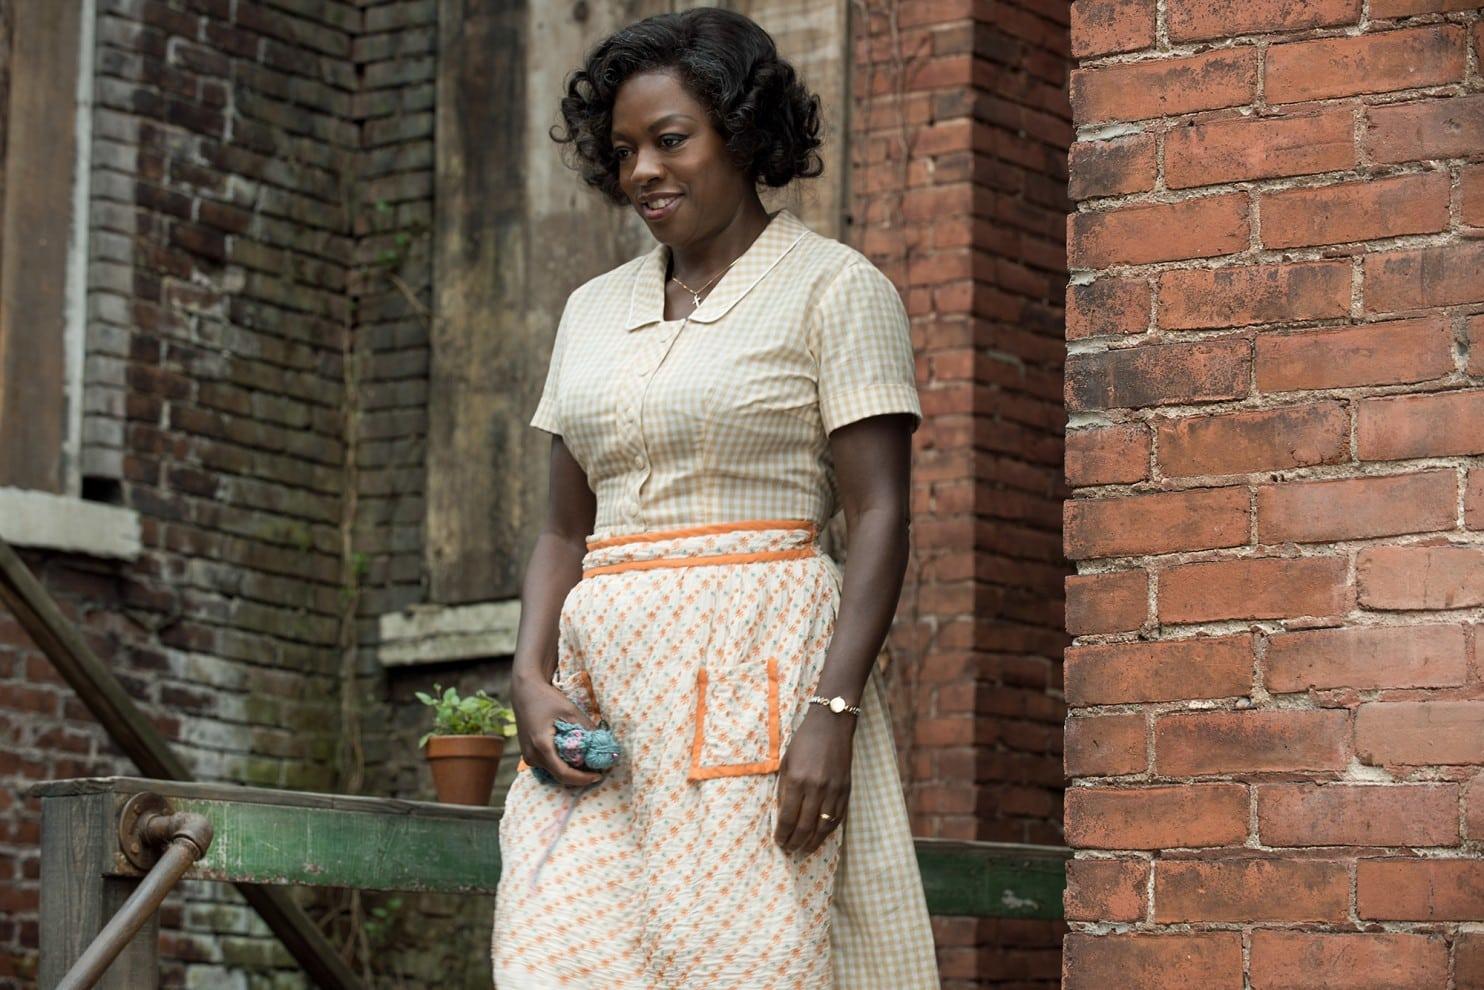 Najlepšia herečka vo vedľajšej roli: Viola Davis za Fences; Zdroj: washingtonpost.com